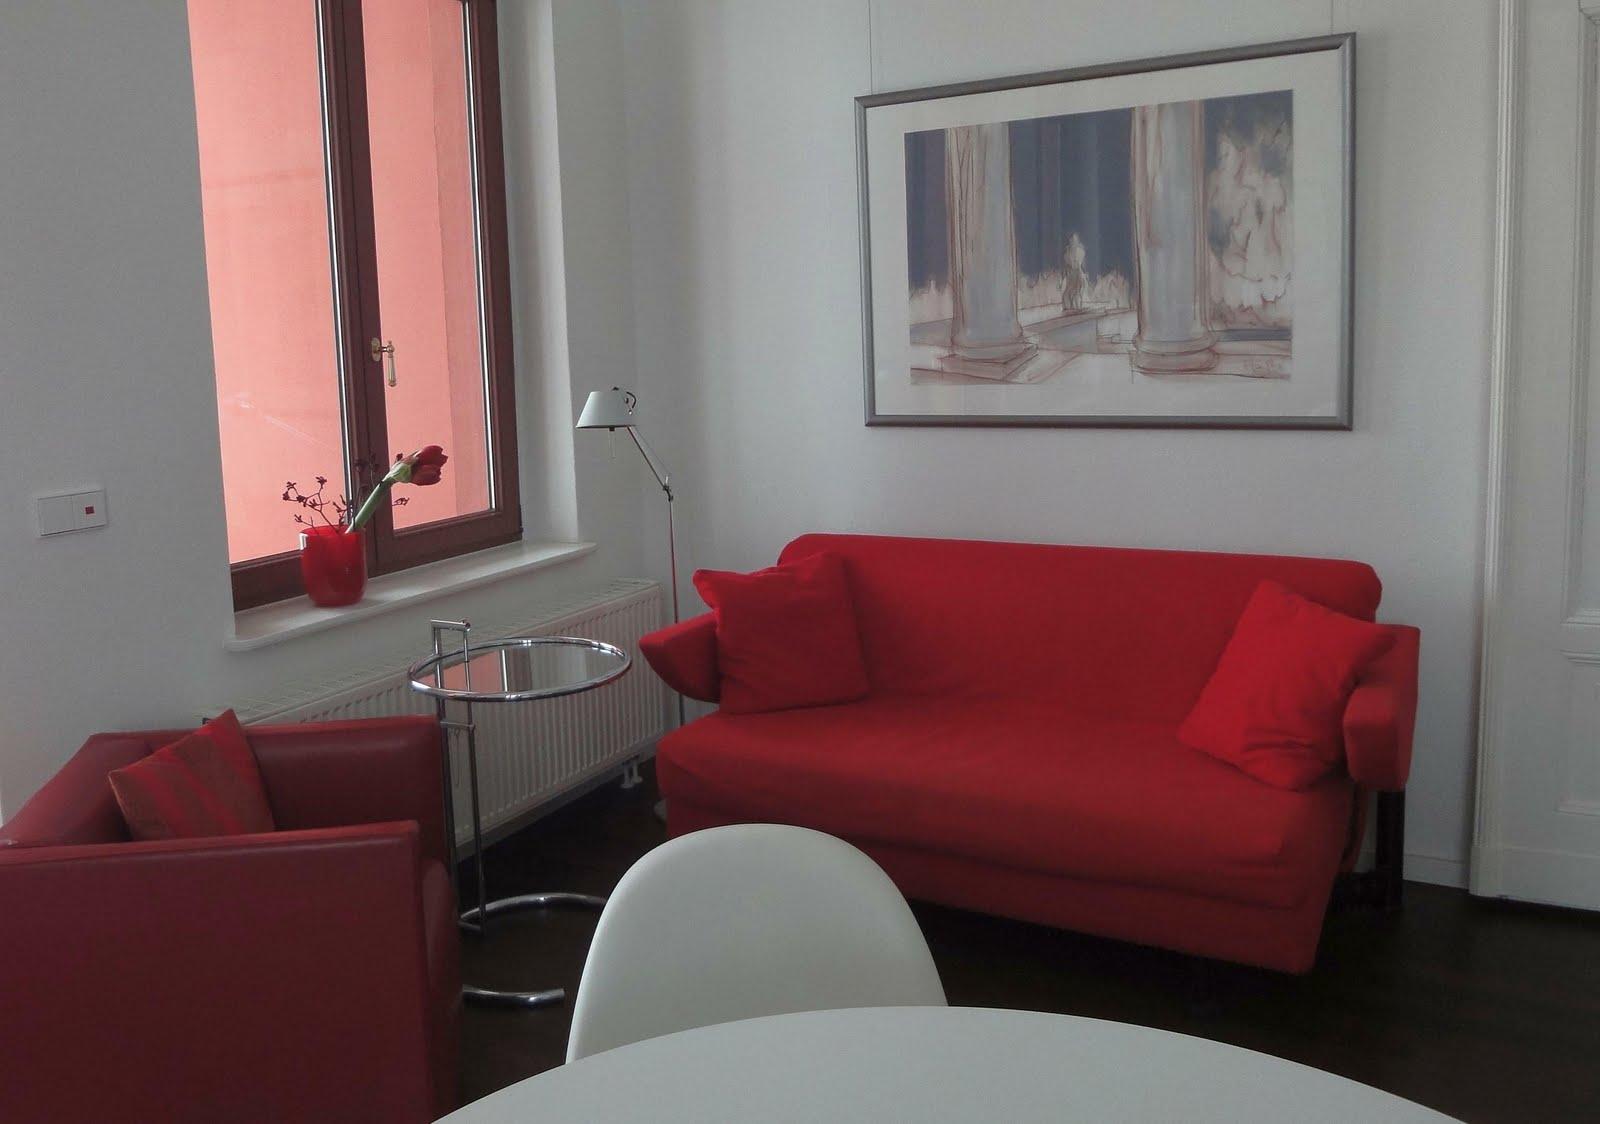 Einzelsessel design  Wohnzimmerz: Einzelsessel Design With Lemonblossom Products Brühl ...